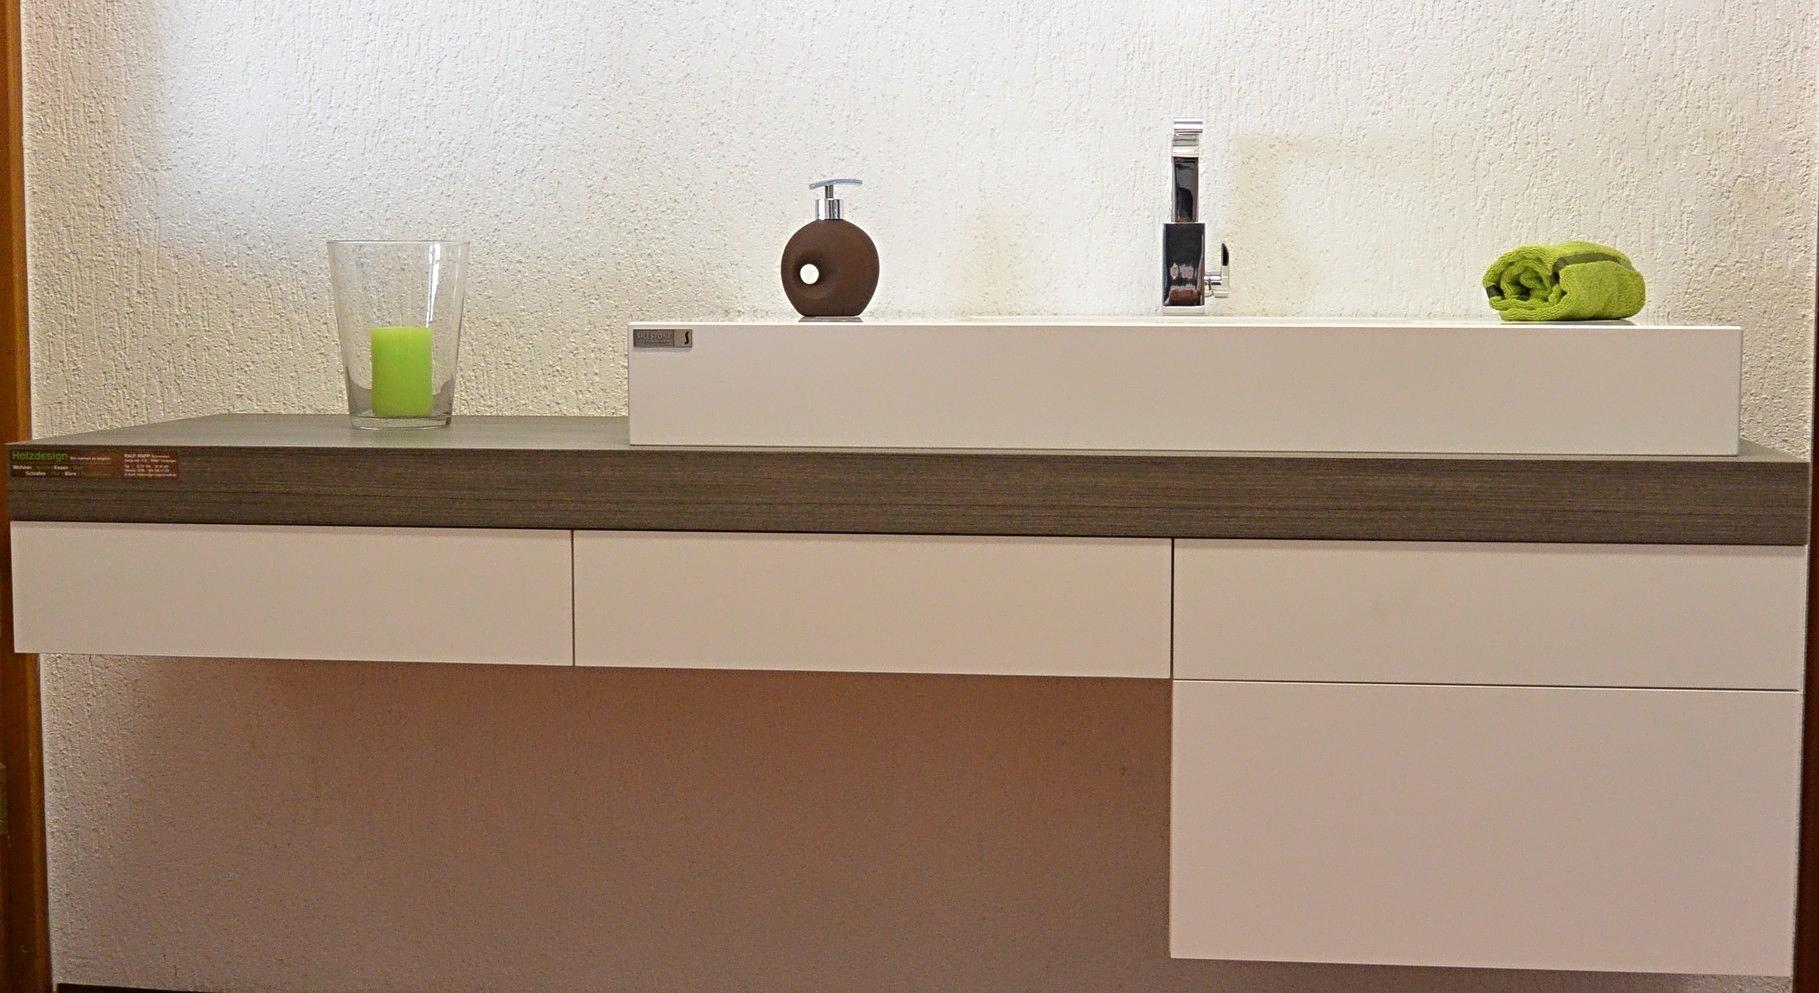 Waschtischplatte mit Unterschrank und einem eckigen Sileston-Waschbecken